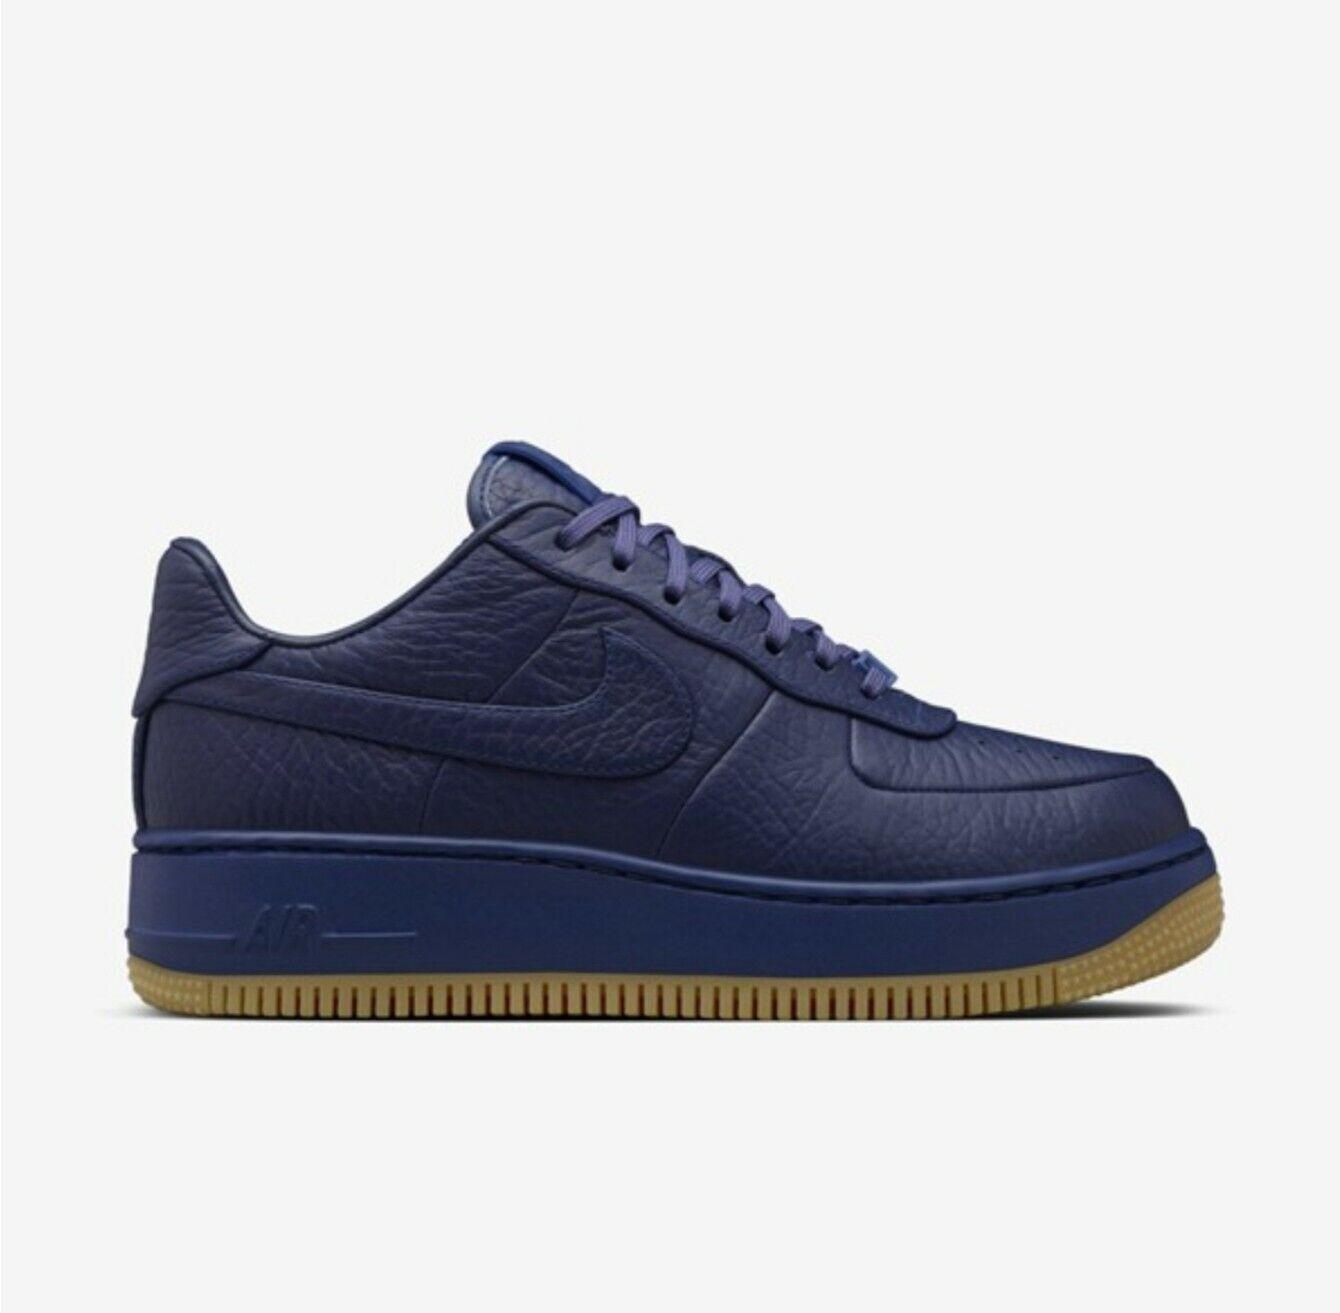 W Nike AF1 Low Upstep Pinnacle - 856477 400